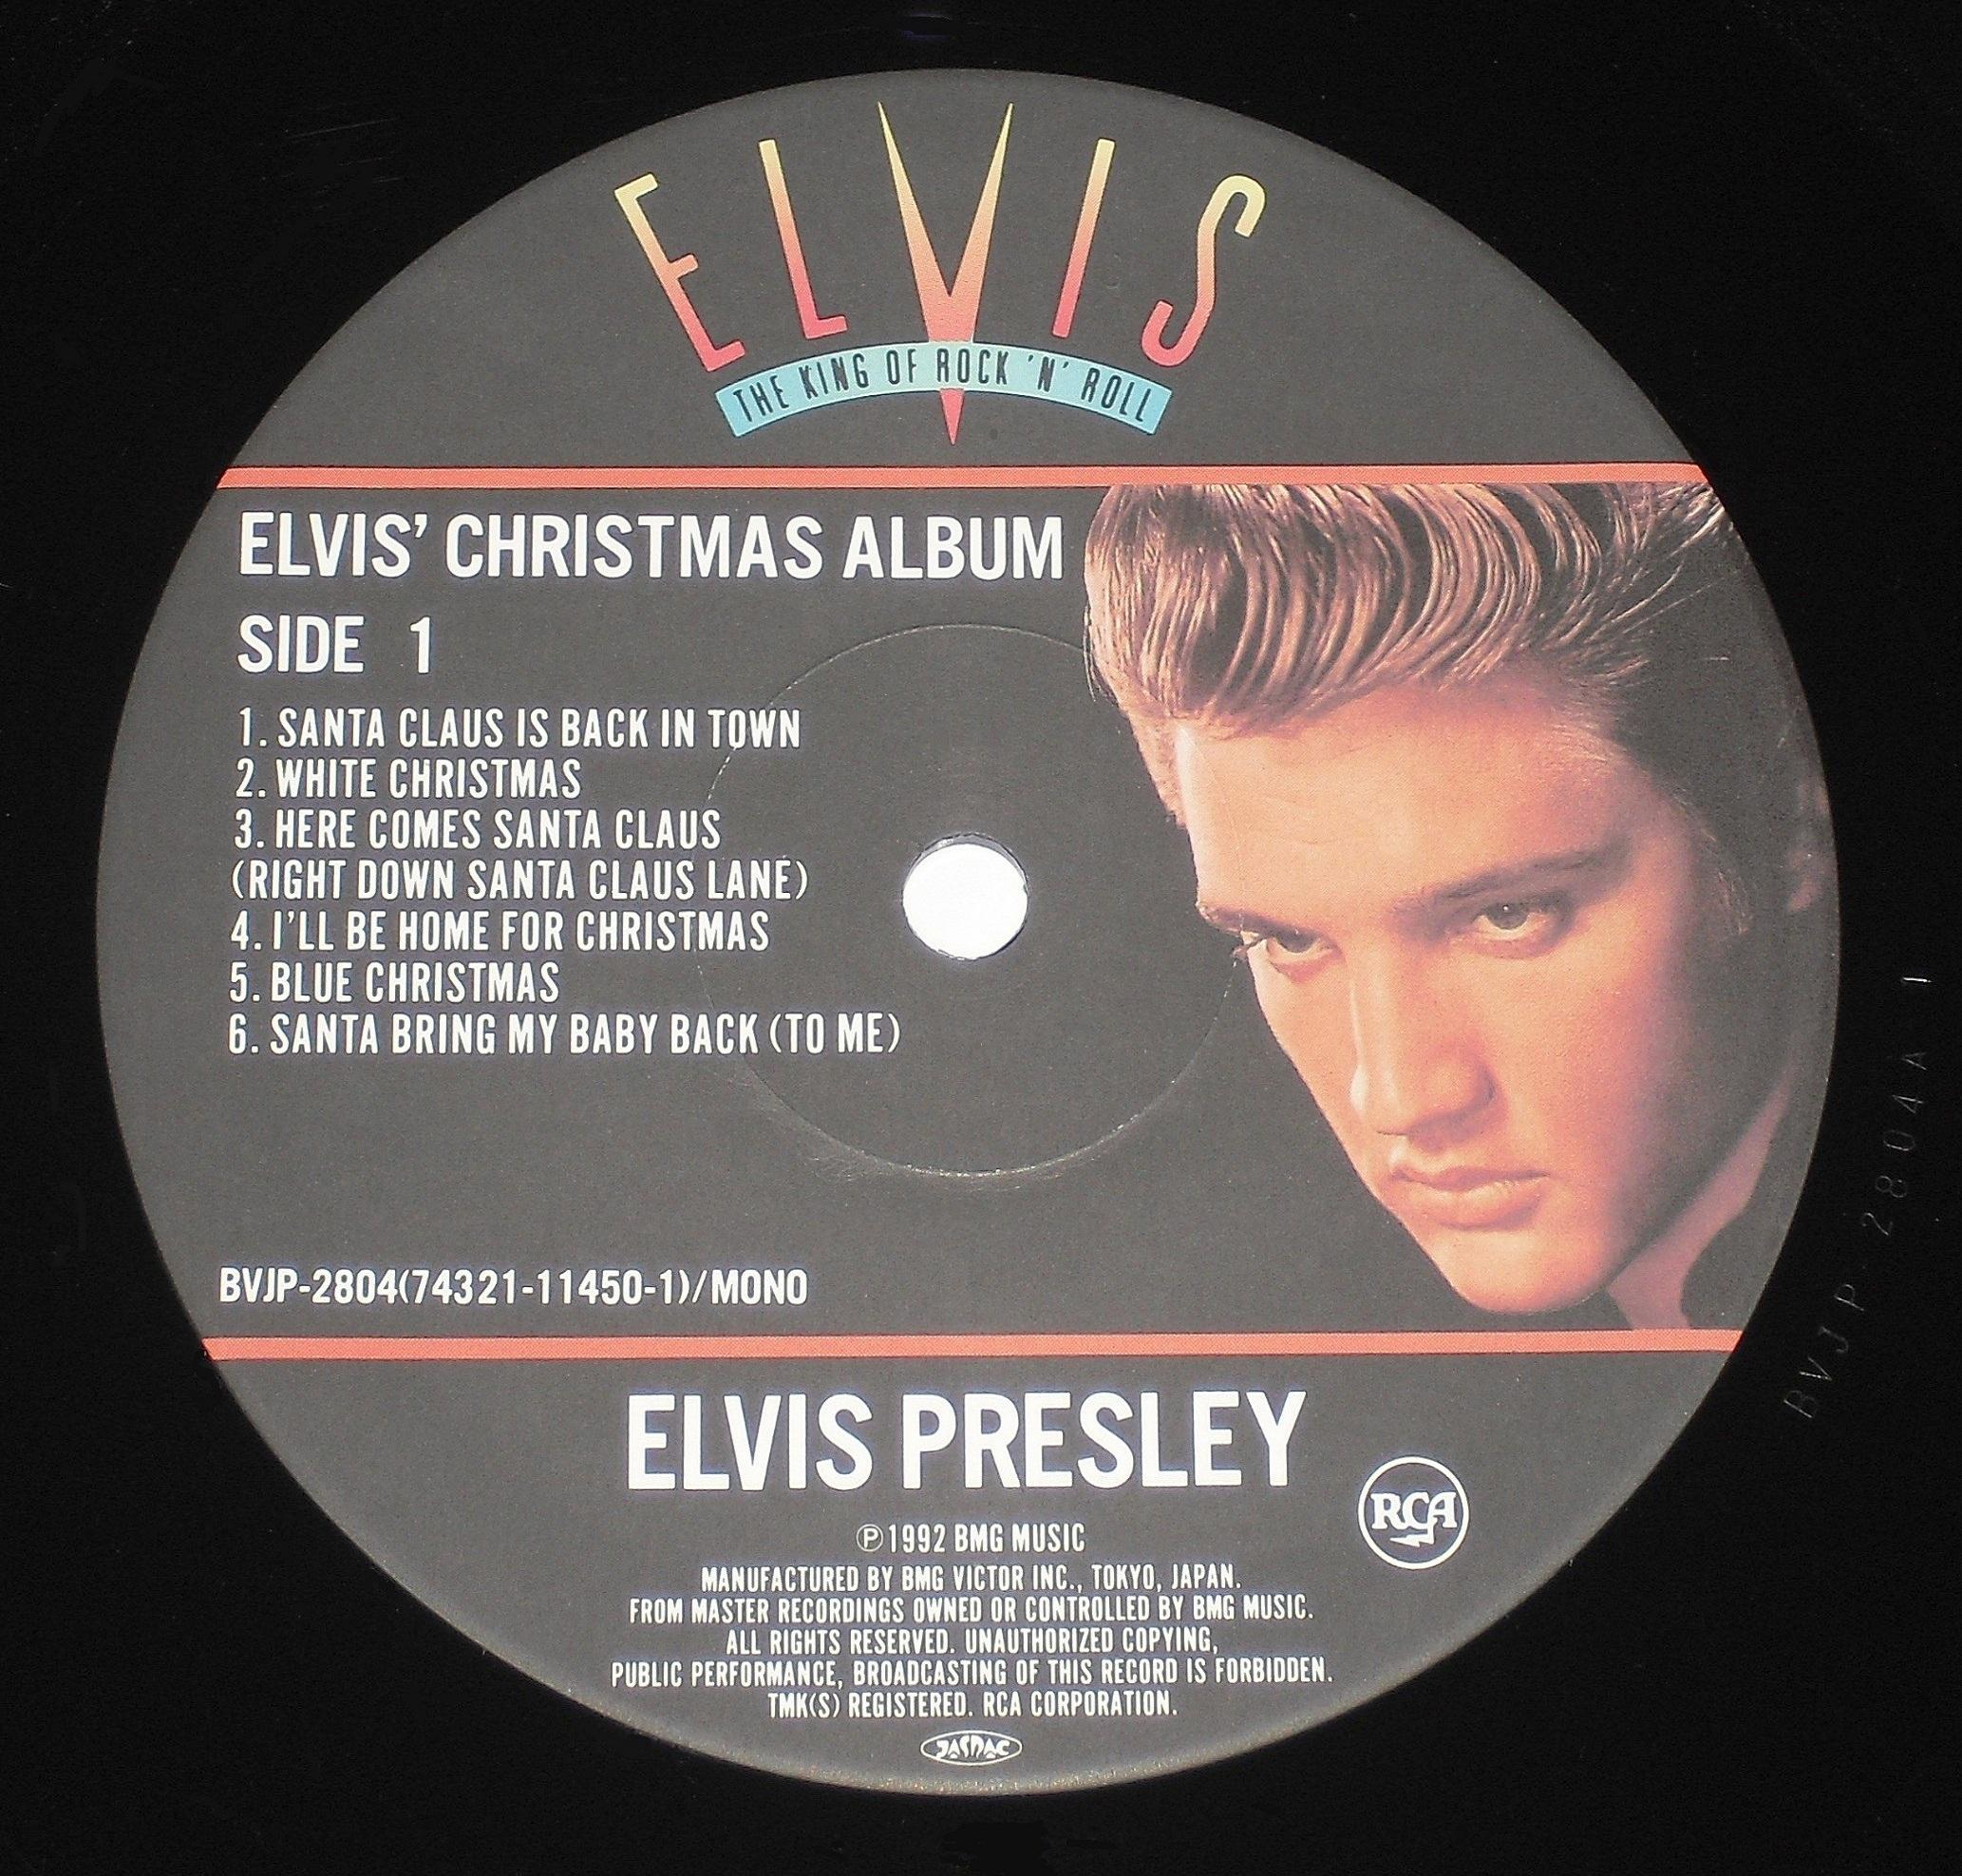 ELVIS' CHRISTMAS ALBUM 03s1ztull